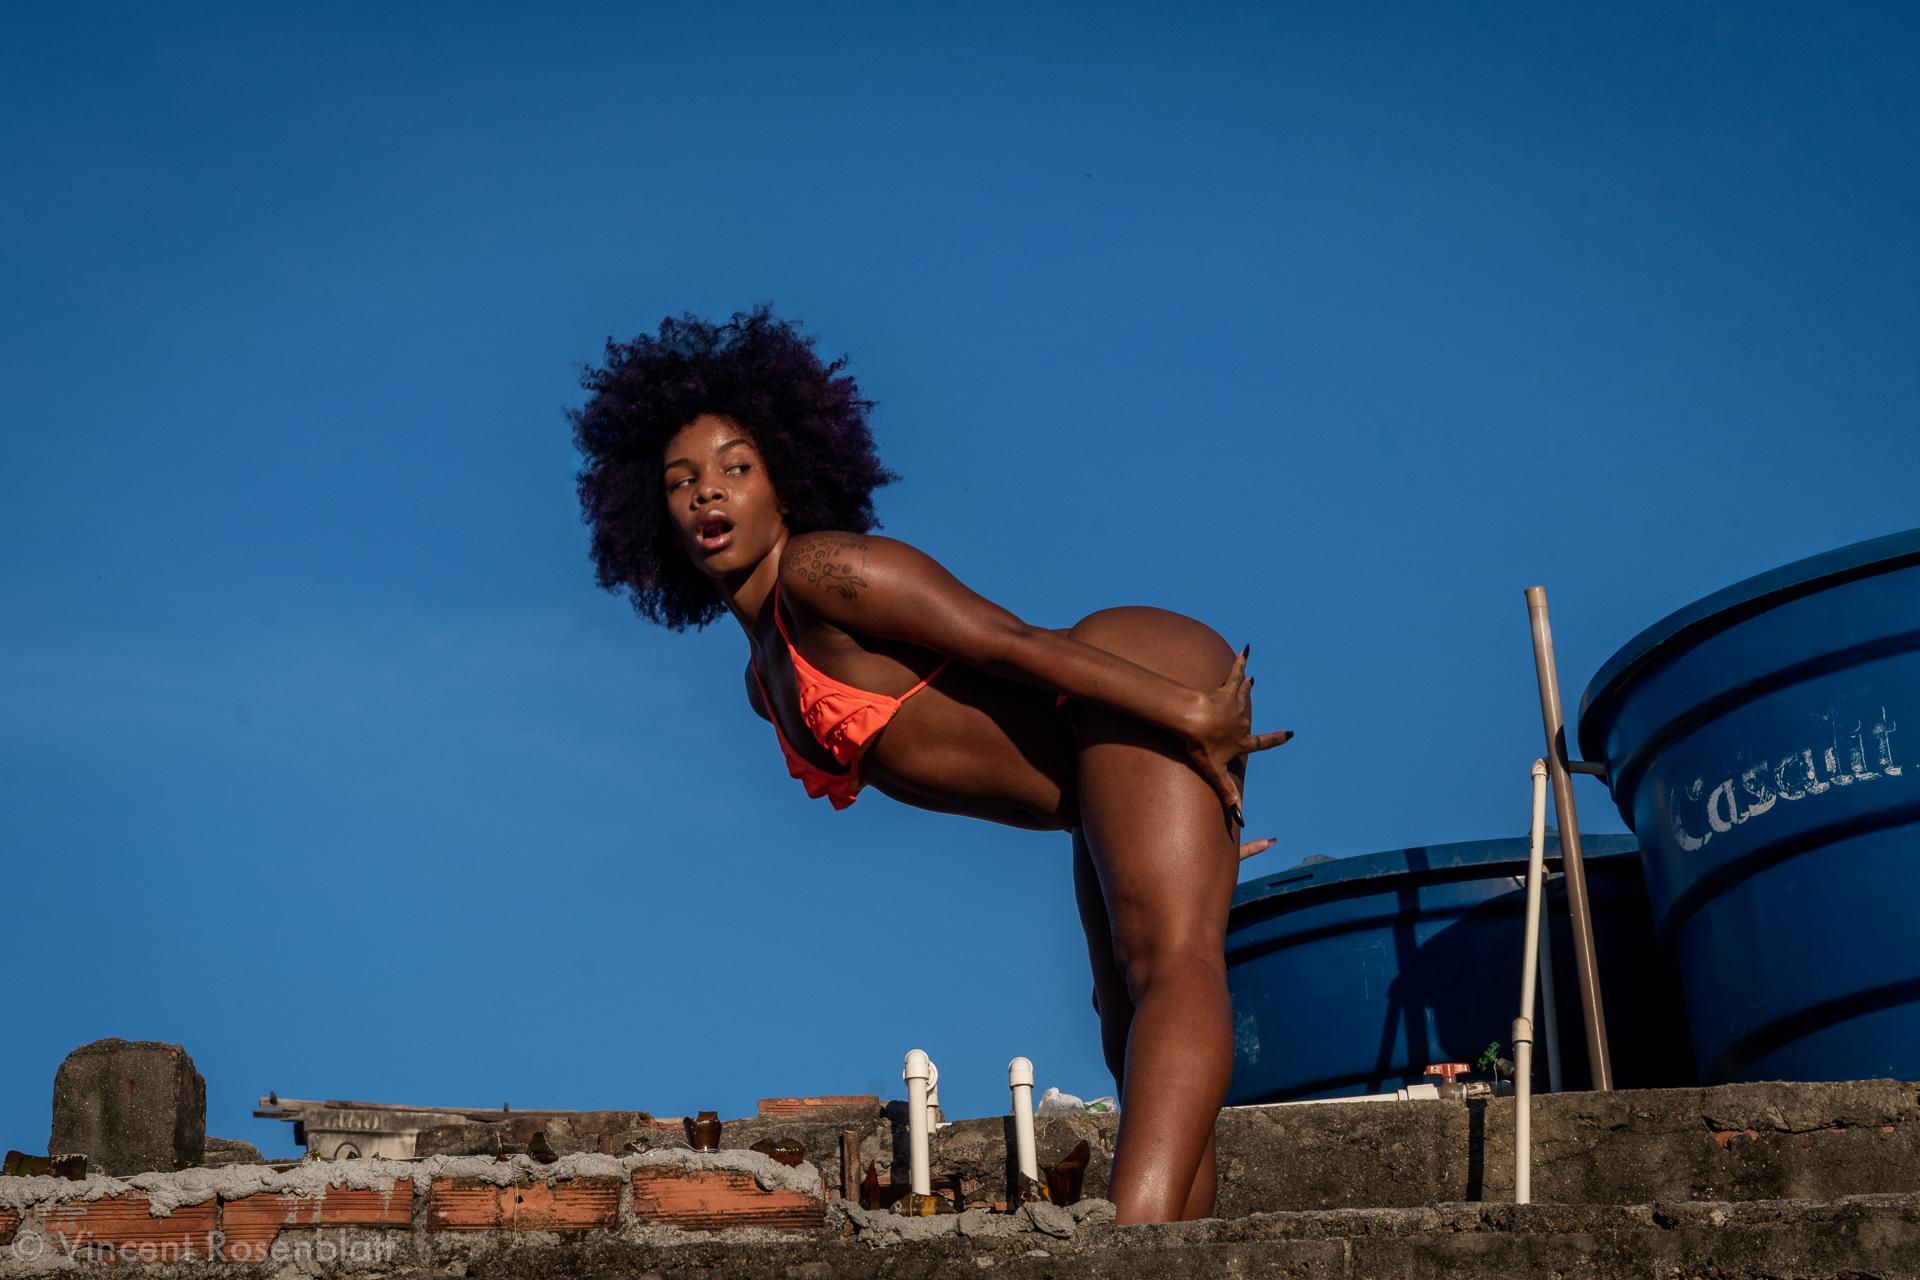 Grelinho de Diamante - dancer @he.lle _ - videomusic recorded in Vila Cruzeiro, Complexo da Penha, Rio de Janeiro